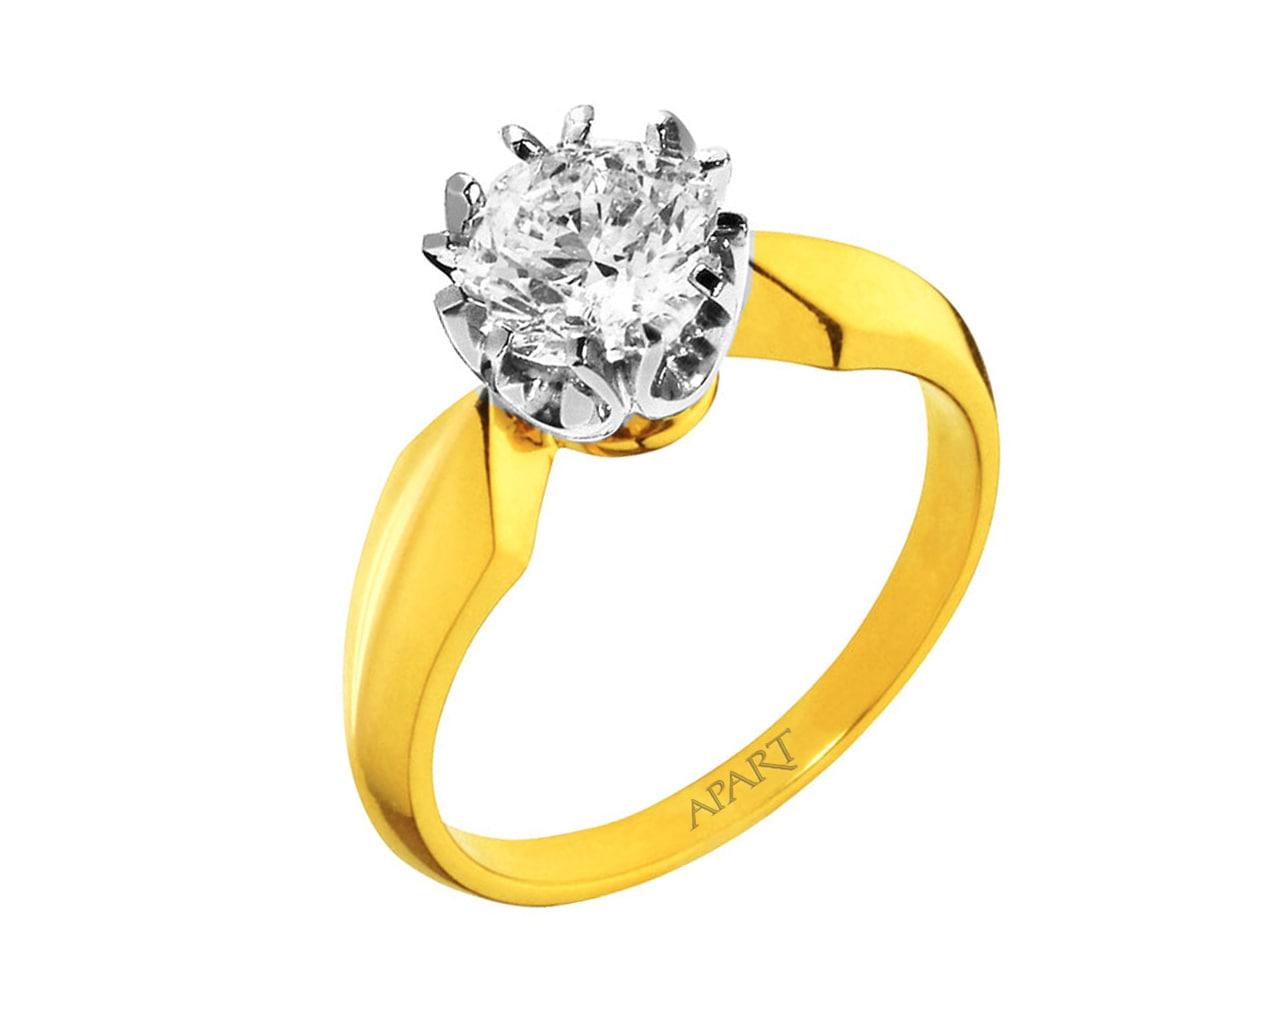 Pierścionek Z żółtego I Białego Złota Z Brylantem Wzór 100351 Apart